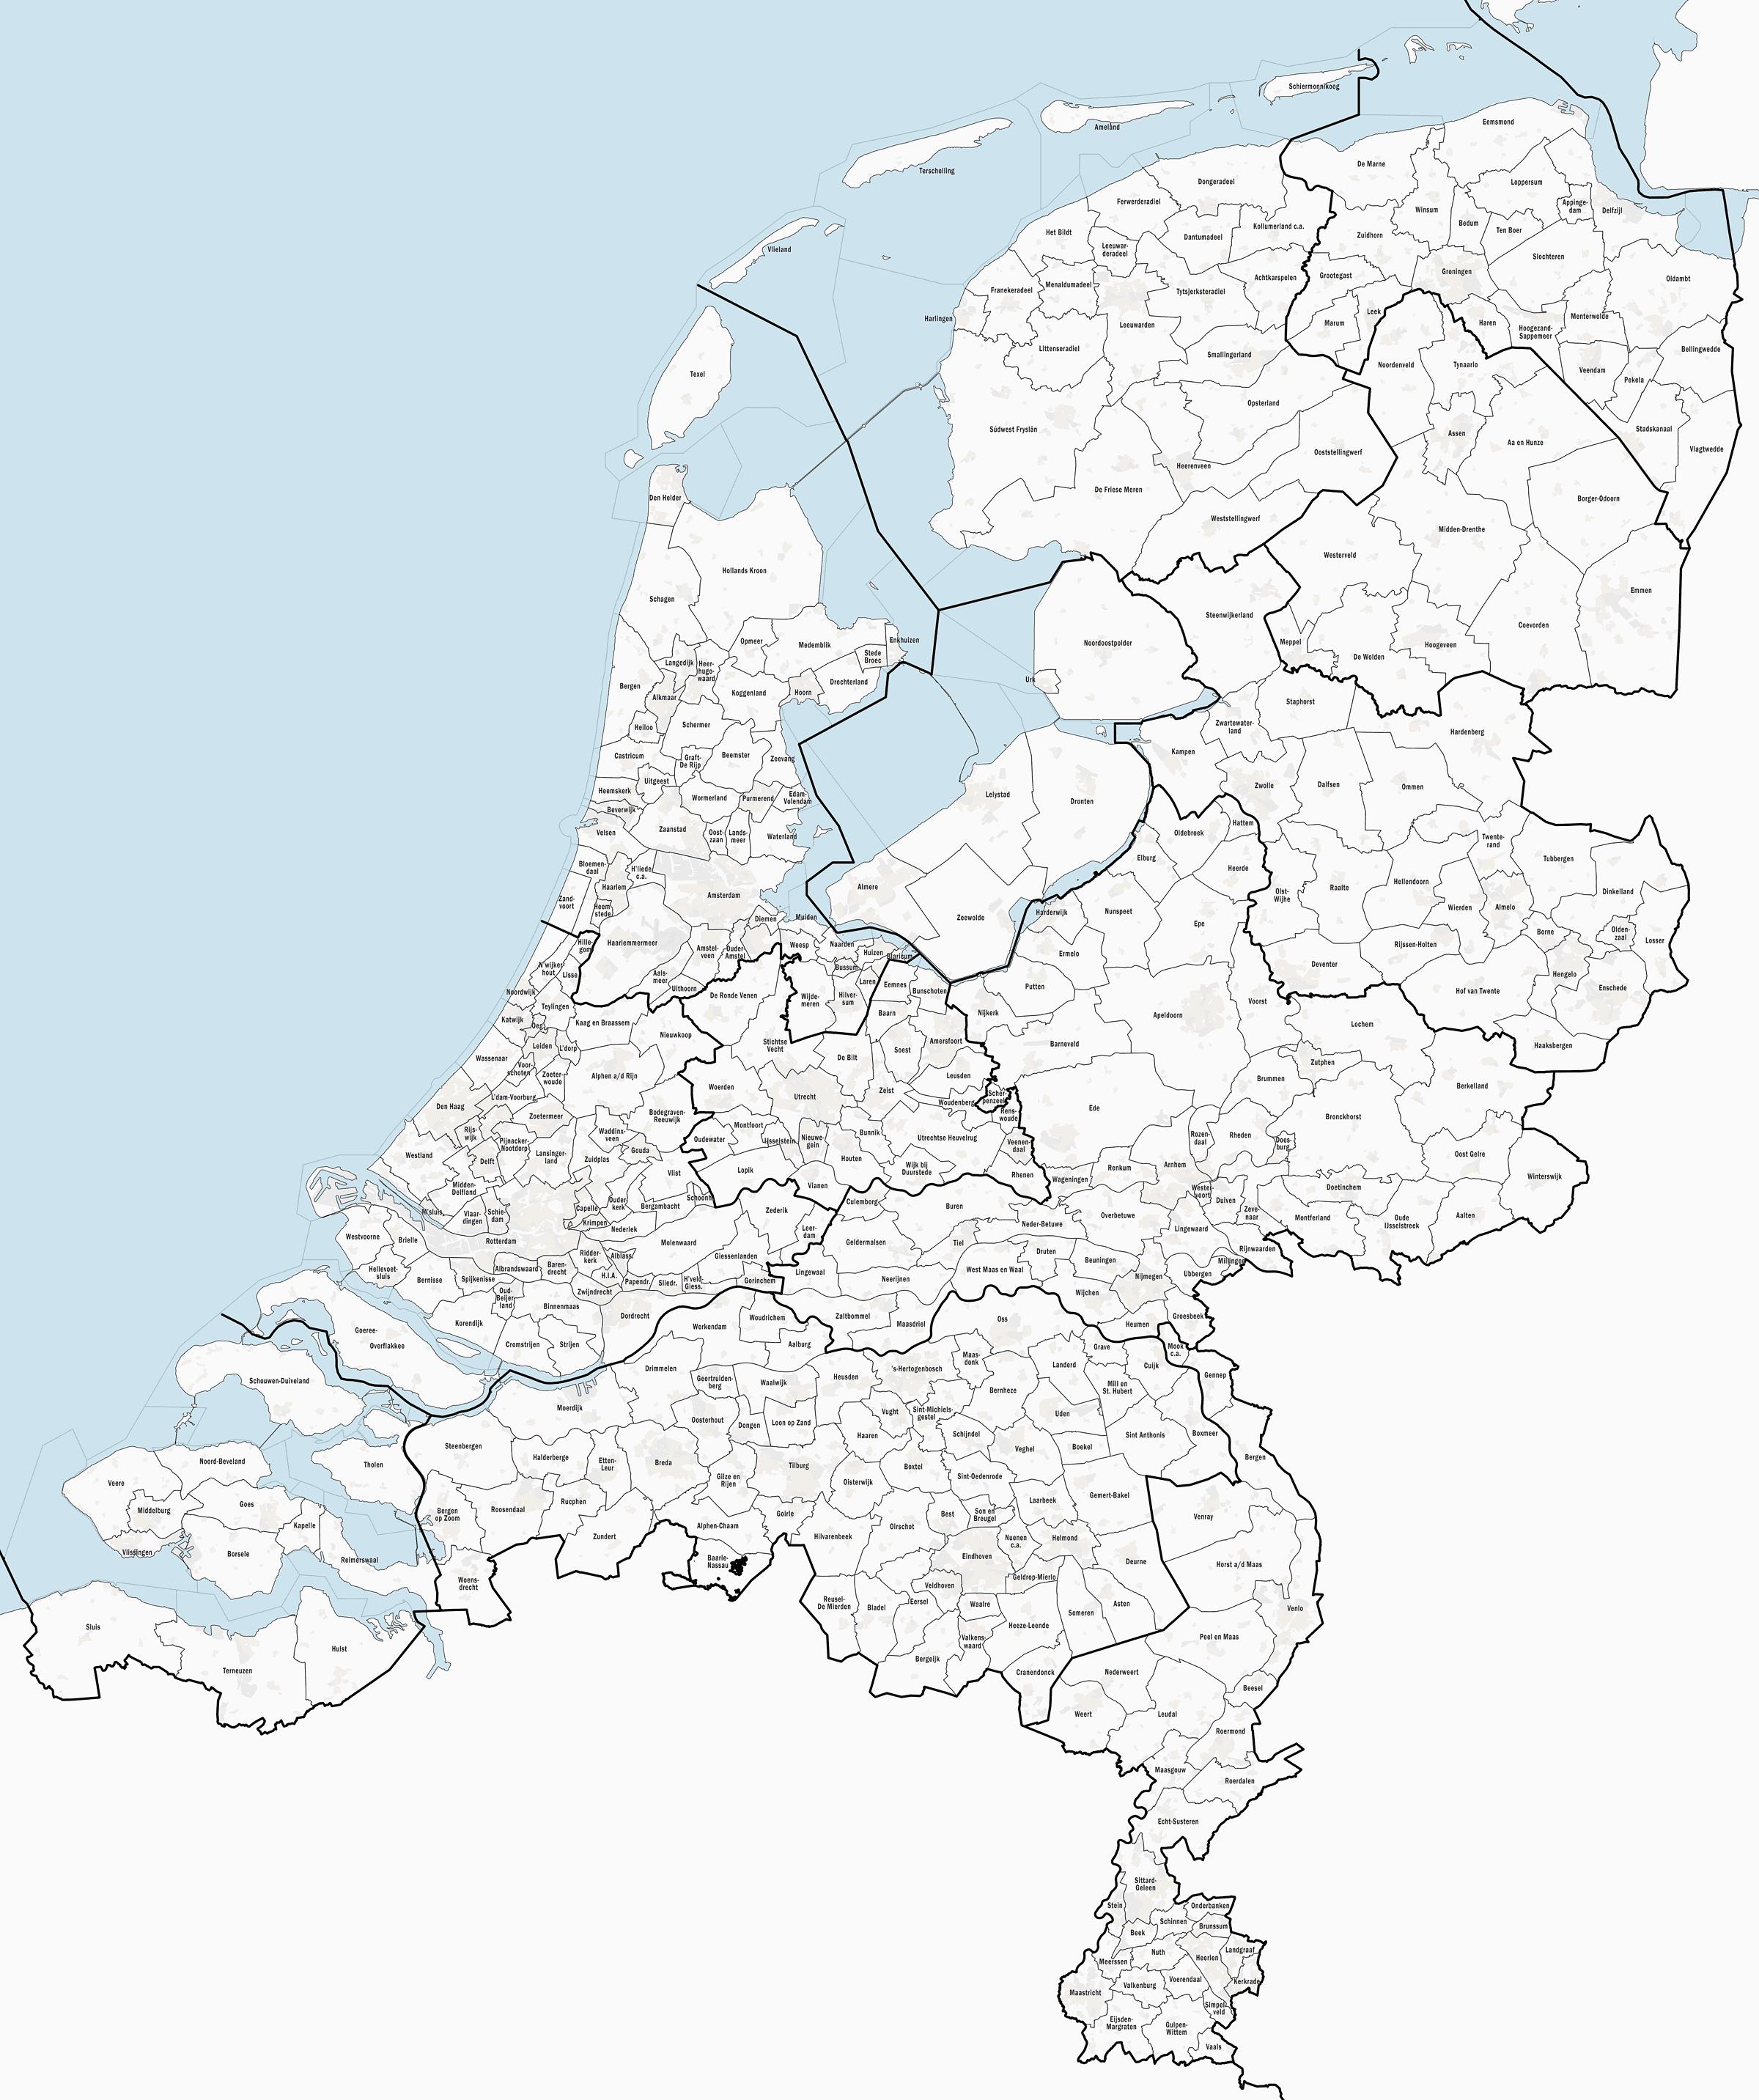 Kaart van Nederlandse gemeenten per 1-1-2014, samengesteld uit open geodata, o.a. Basisregistratie Topografie. Door Janwillemvanaalst via Wikimedia.